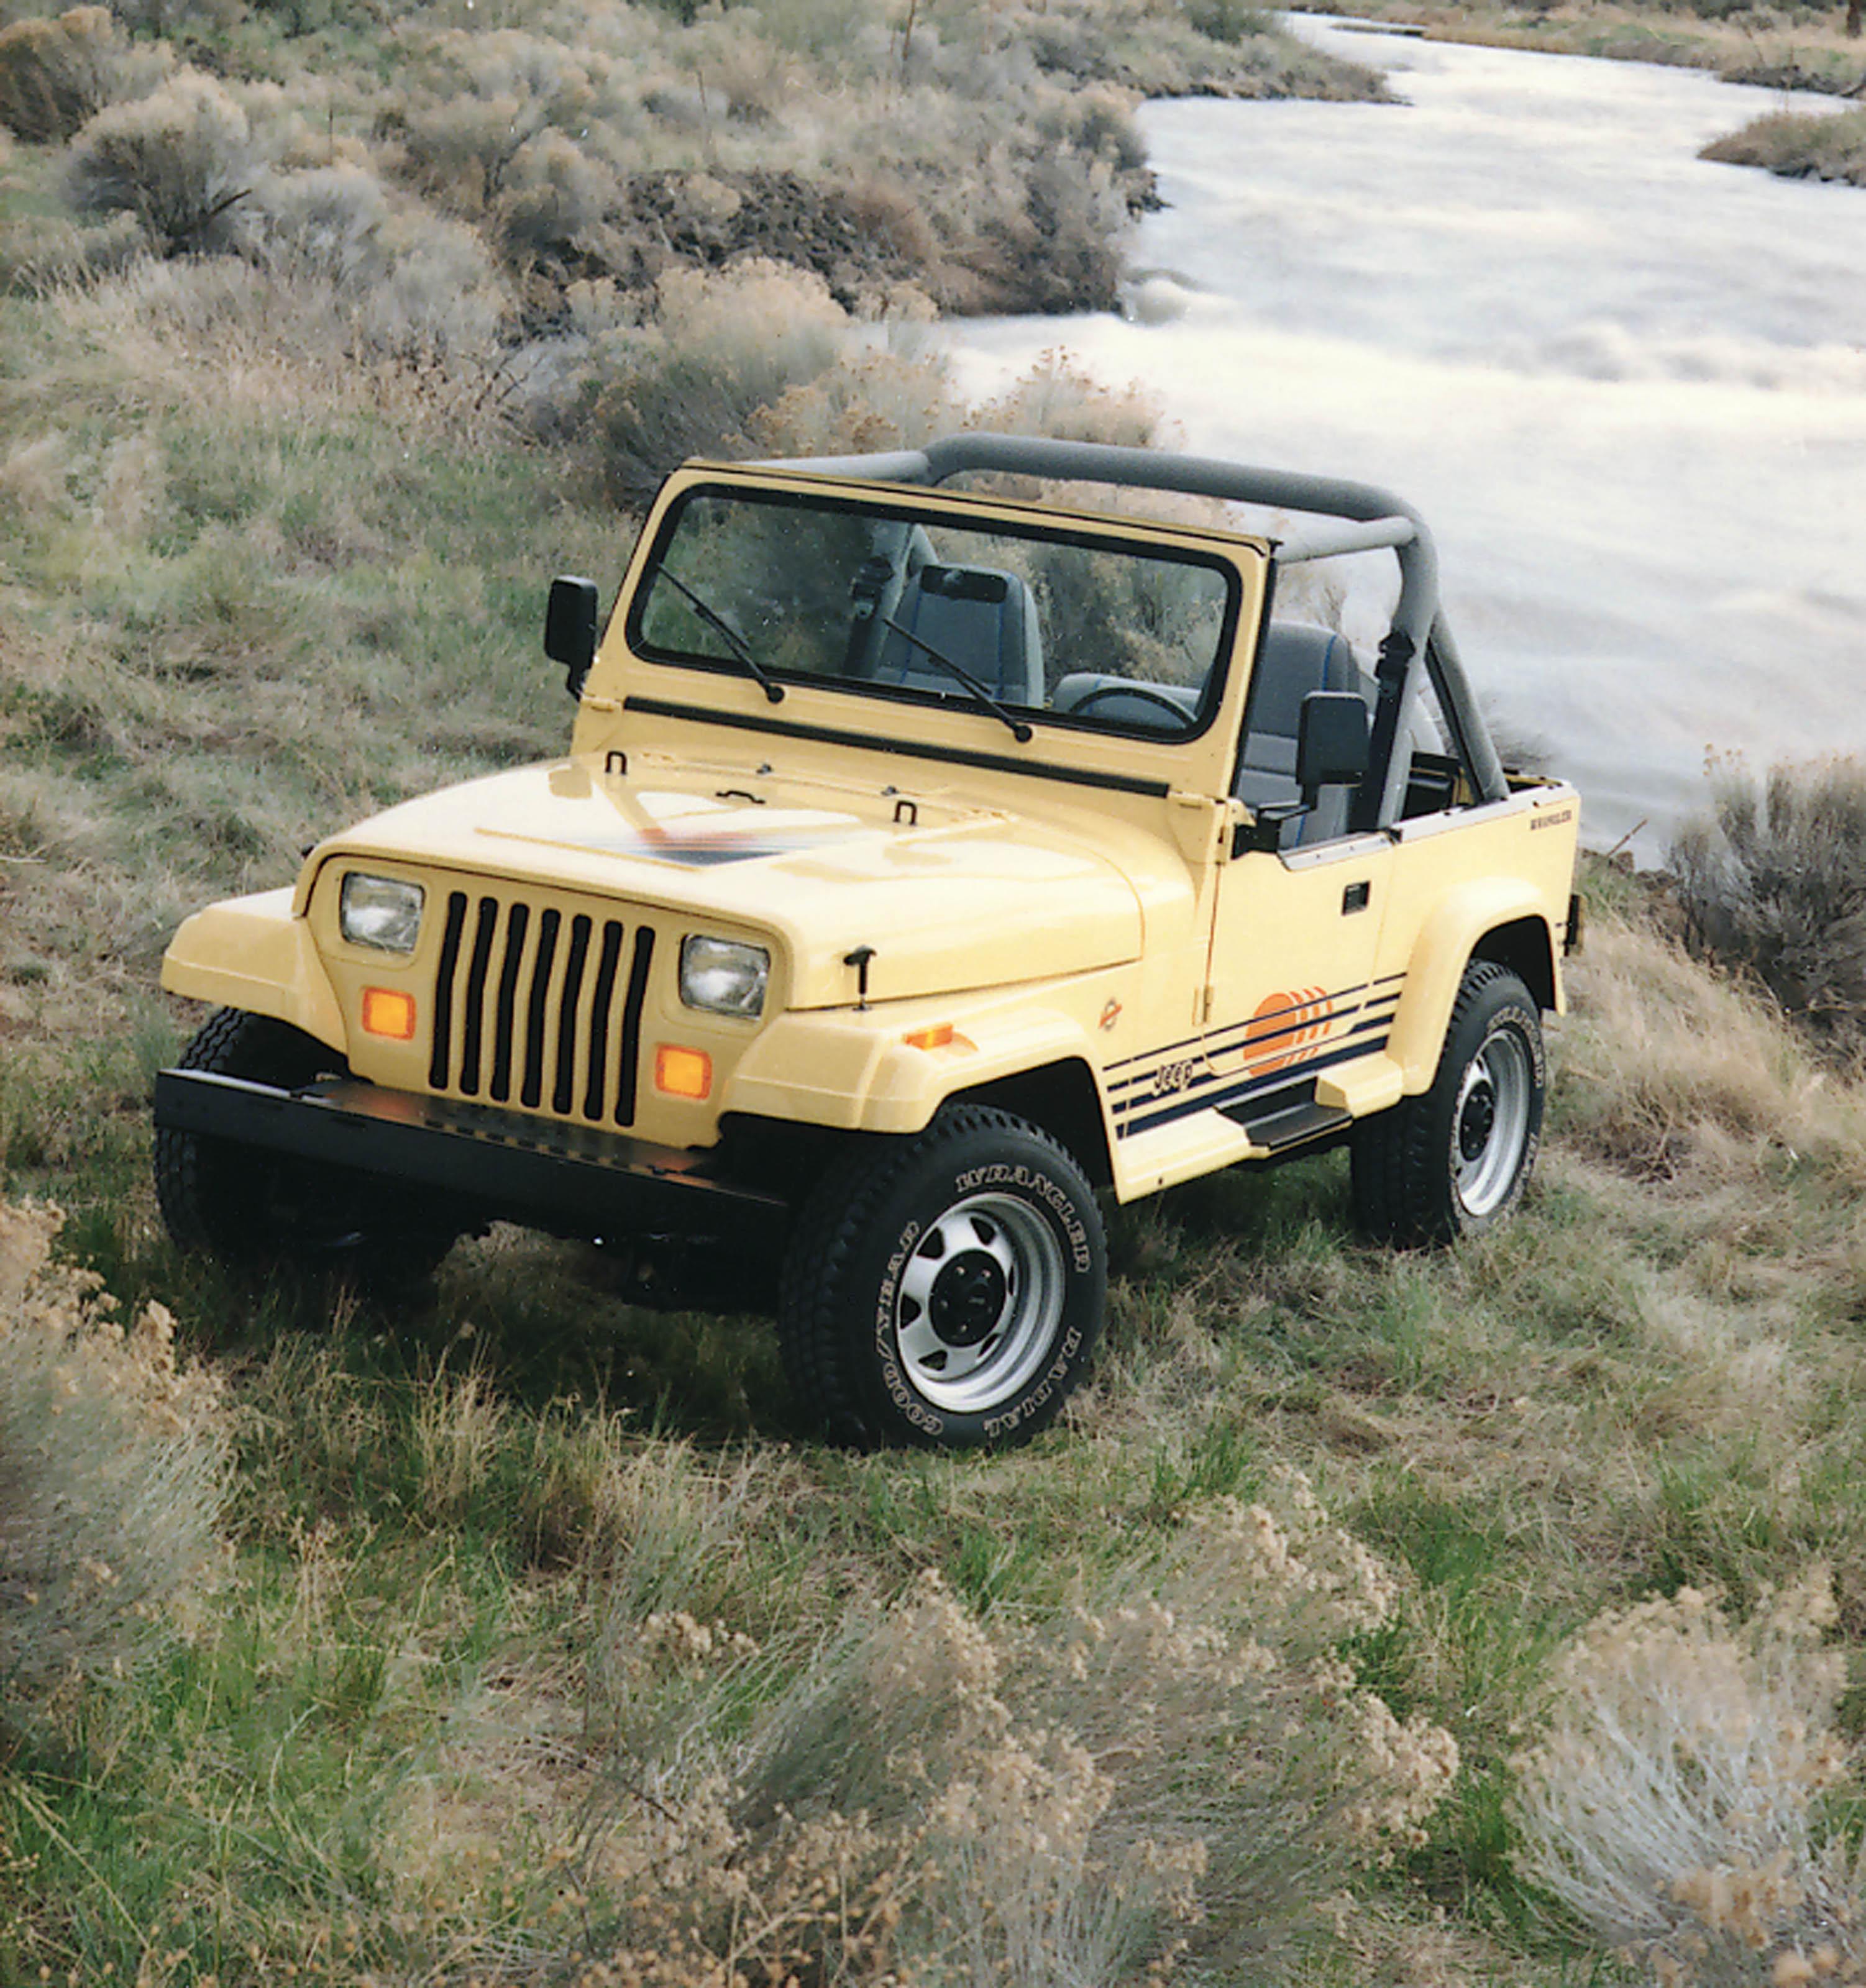 Jeep Wrangler I (YJ) 1986 - 1995 SUV #4